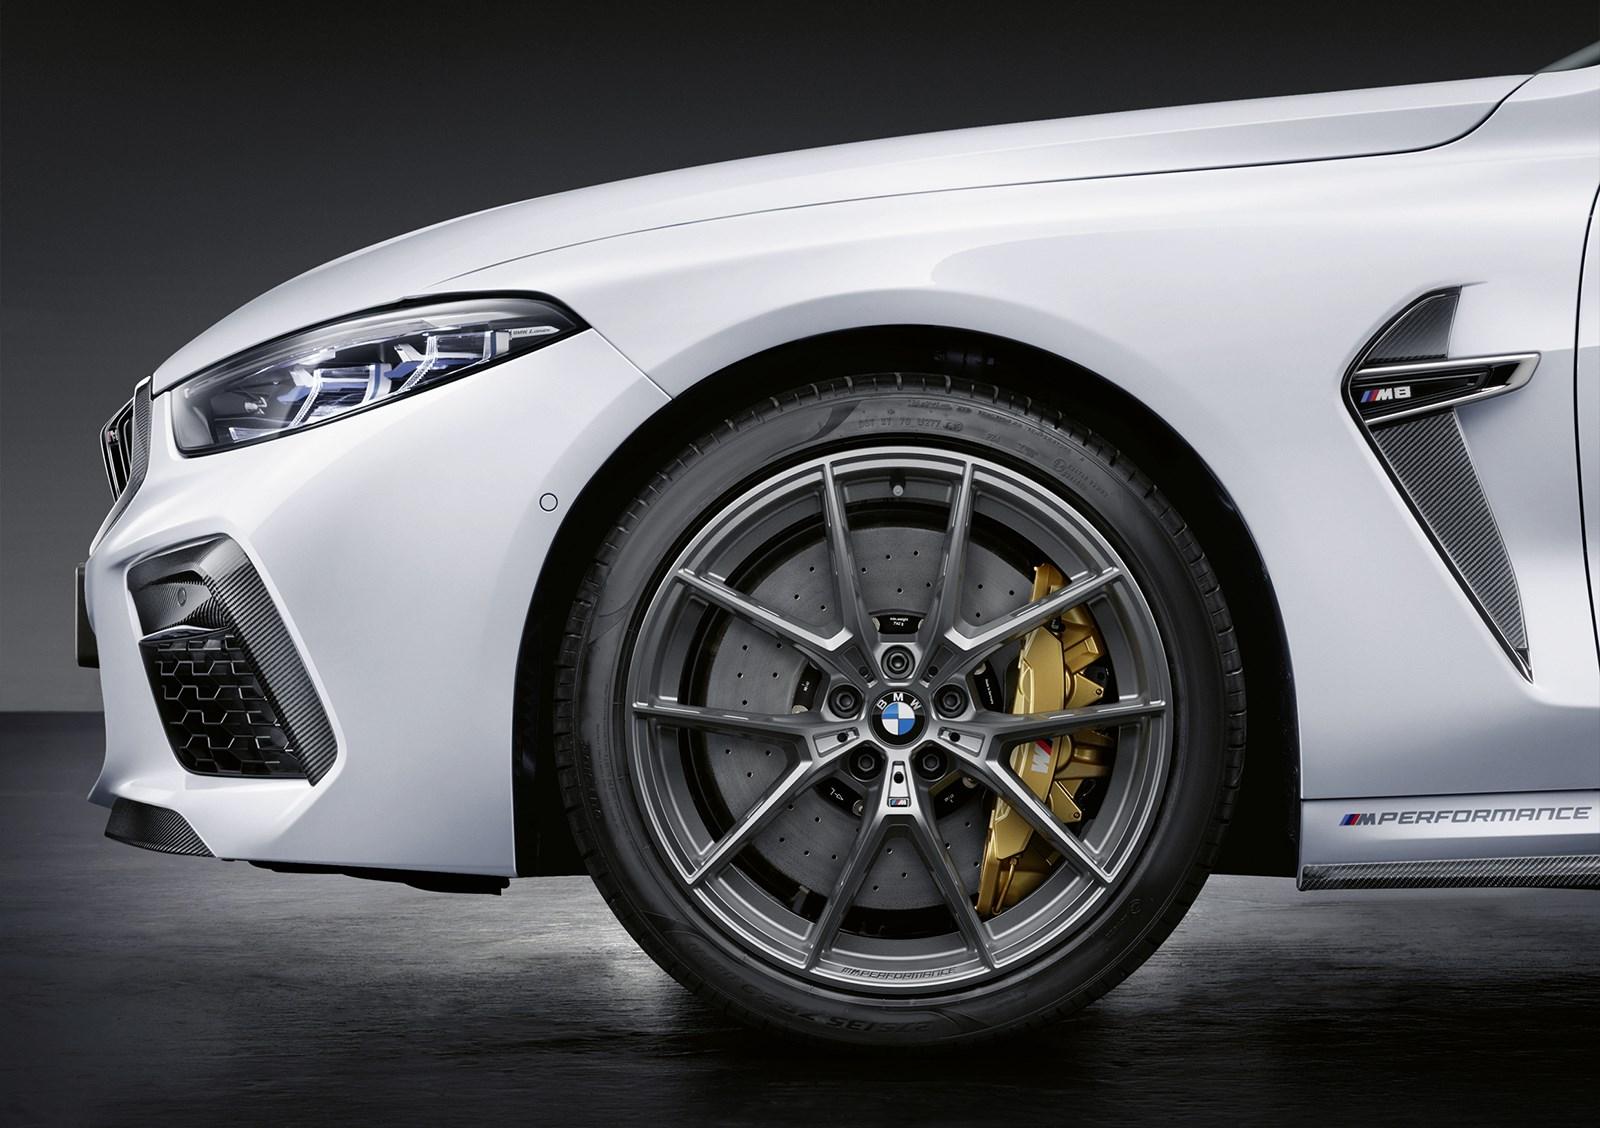 BMW、M8のスポーツ度をさらに高めるMパフォーマンスパーツを発表